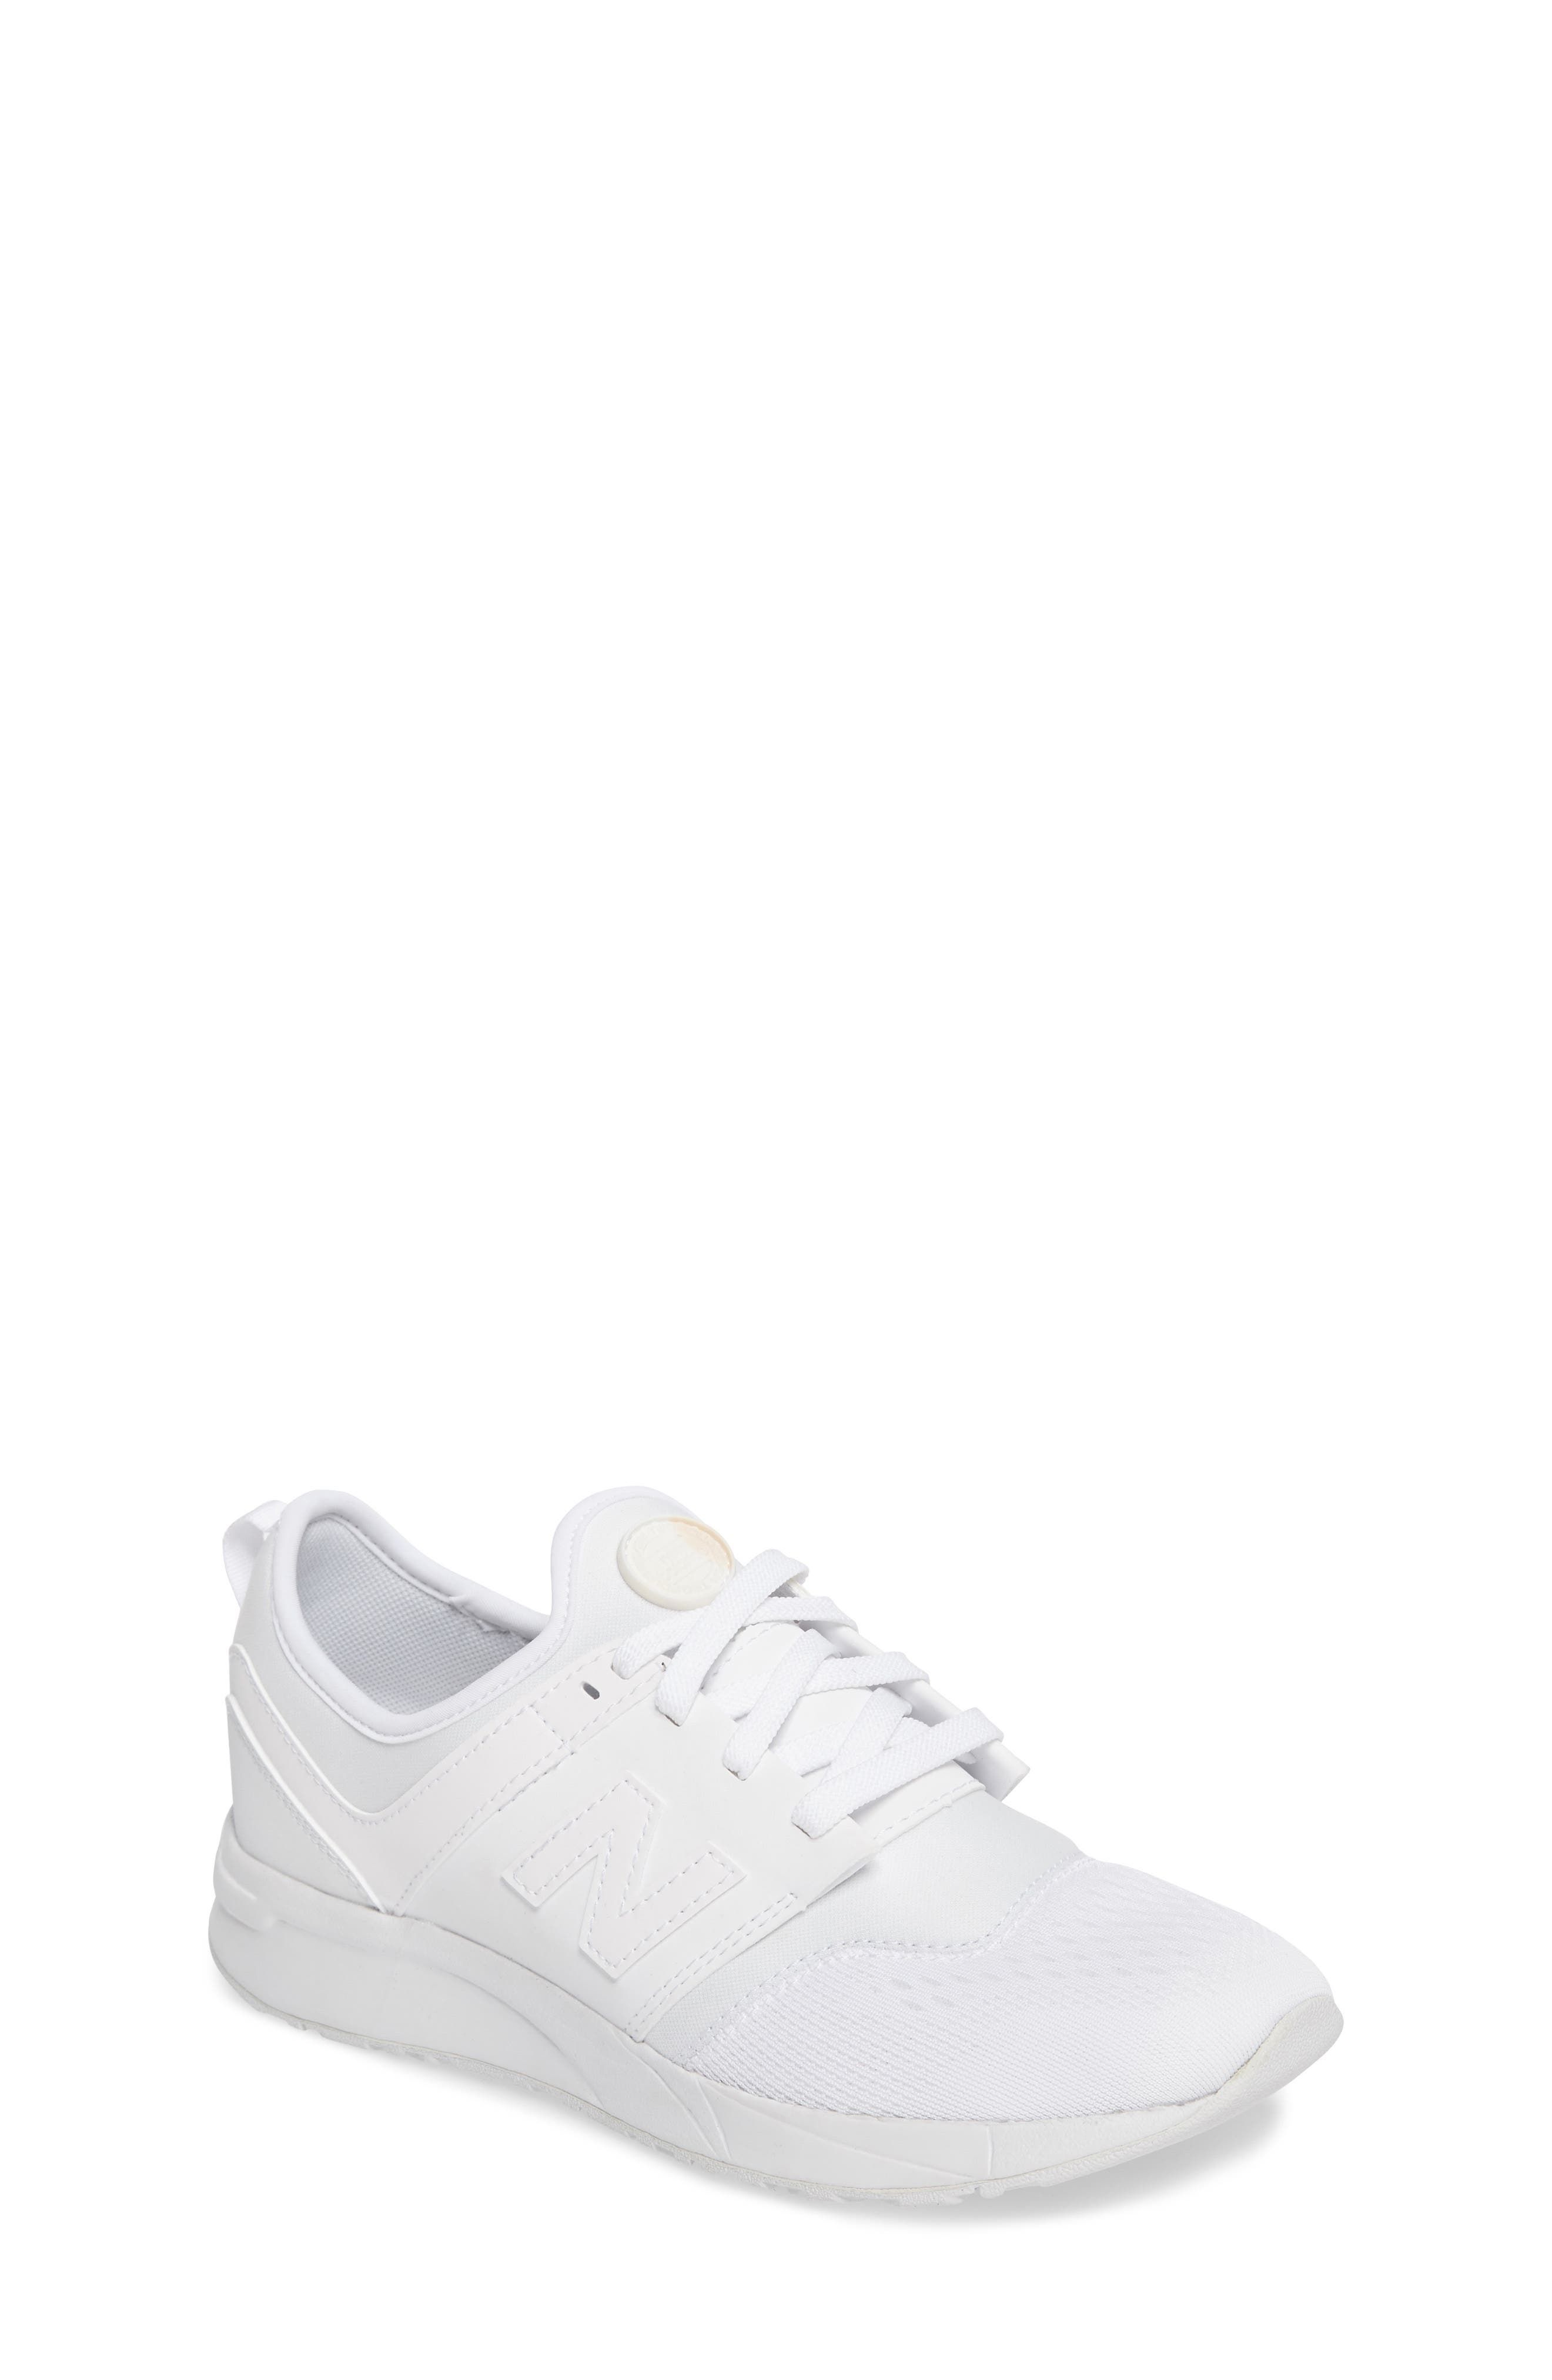 New Balance 247 Sport Sneaker (Big Kid)